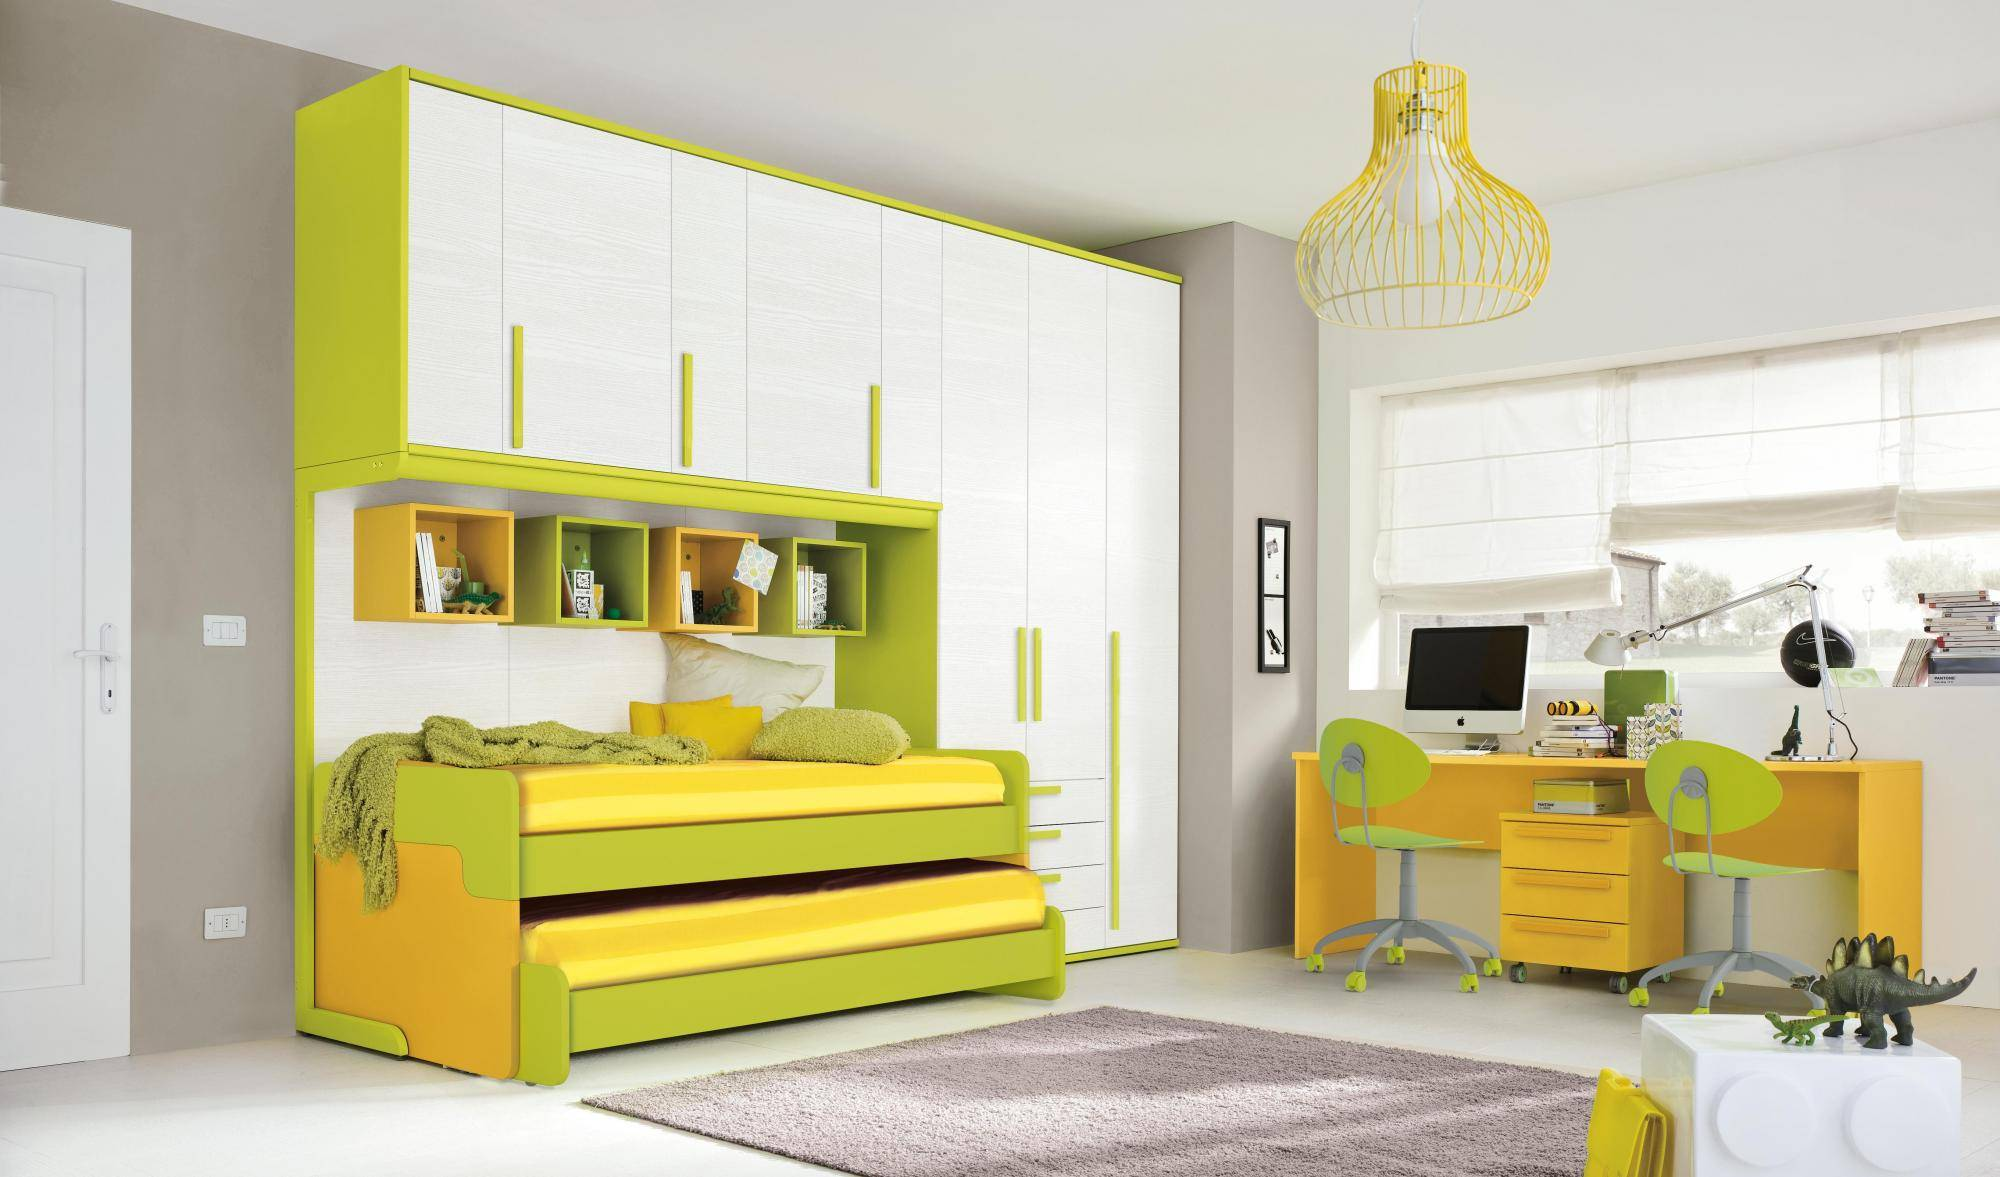 Camerette Doppio Ponte Colombini : Golf camerette ponte doppio letto giallo pignoloni arreda